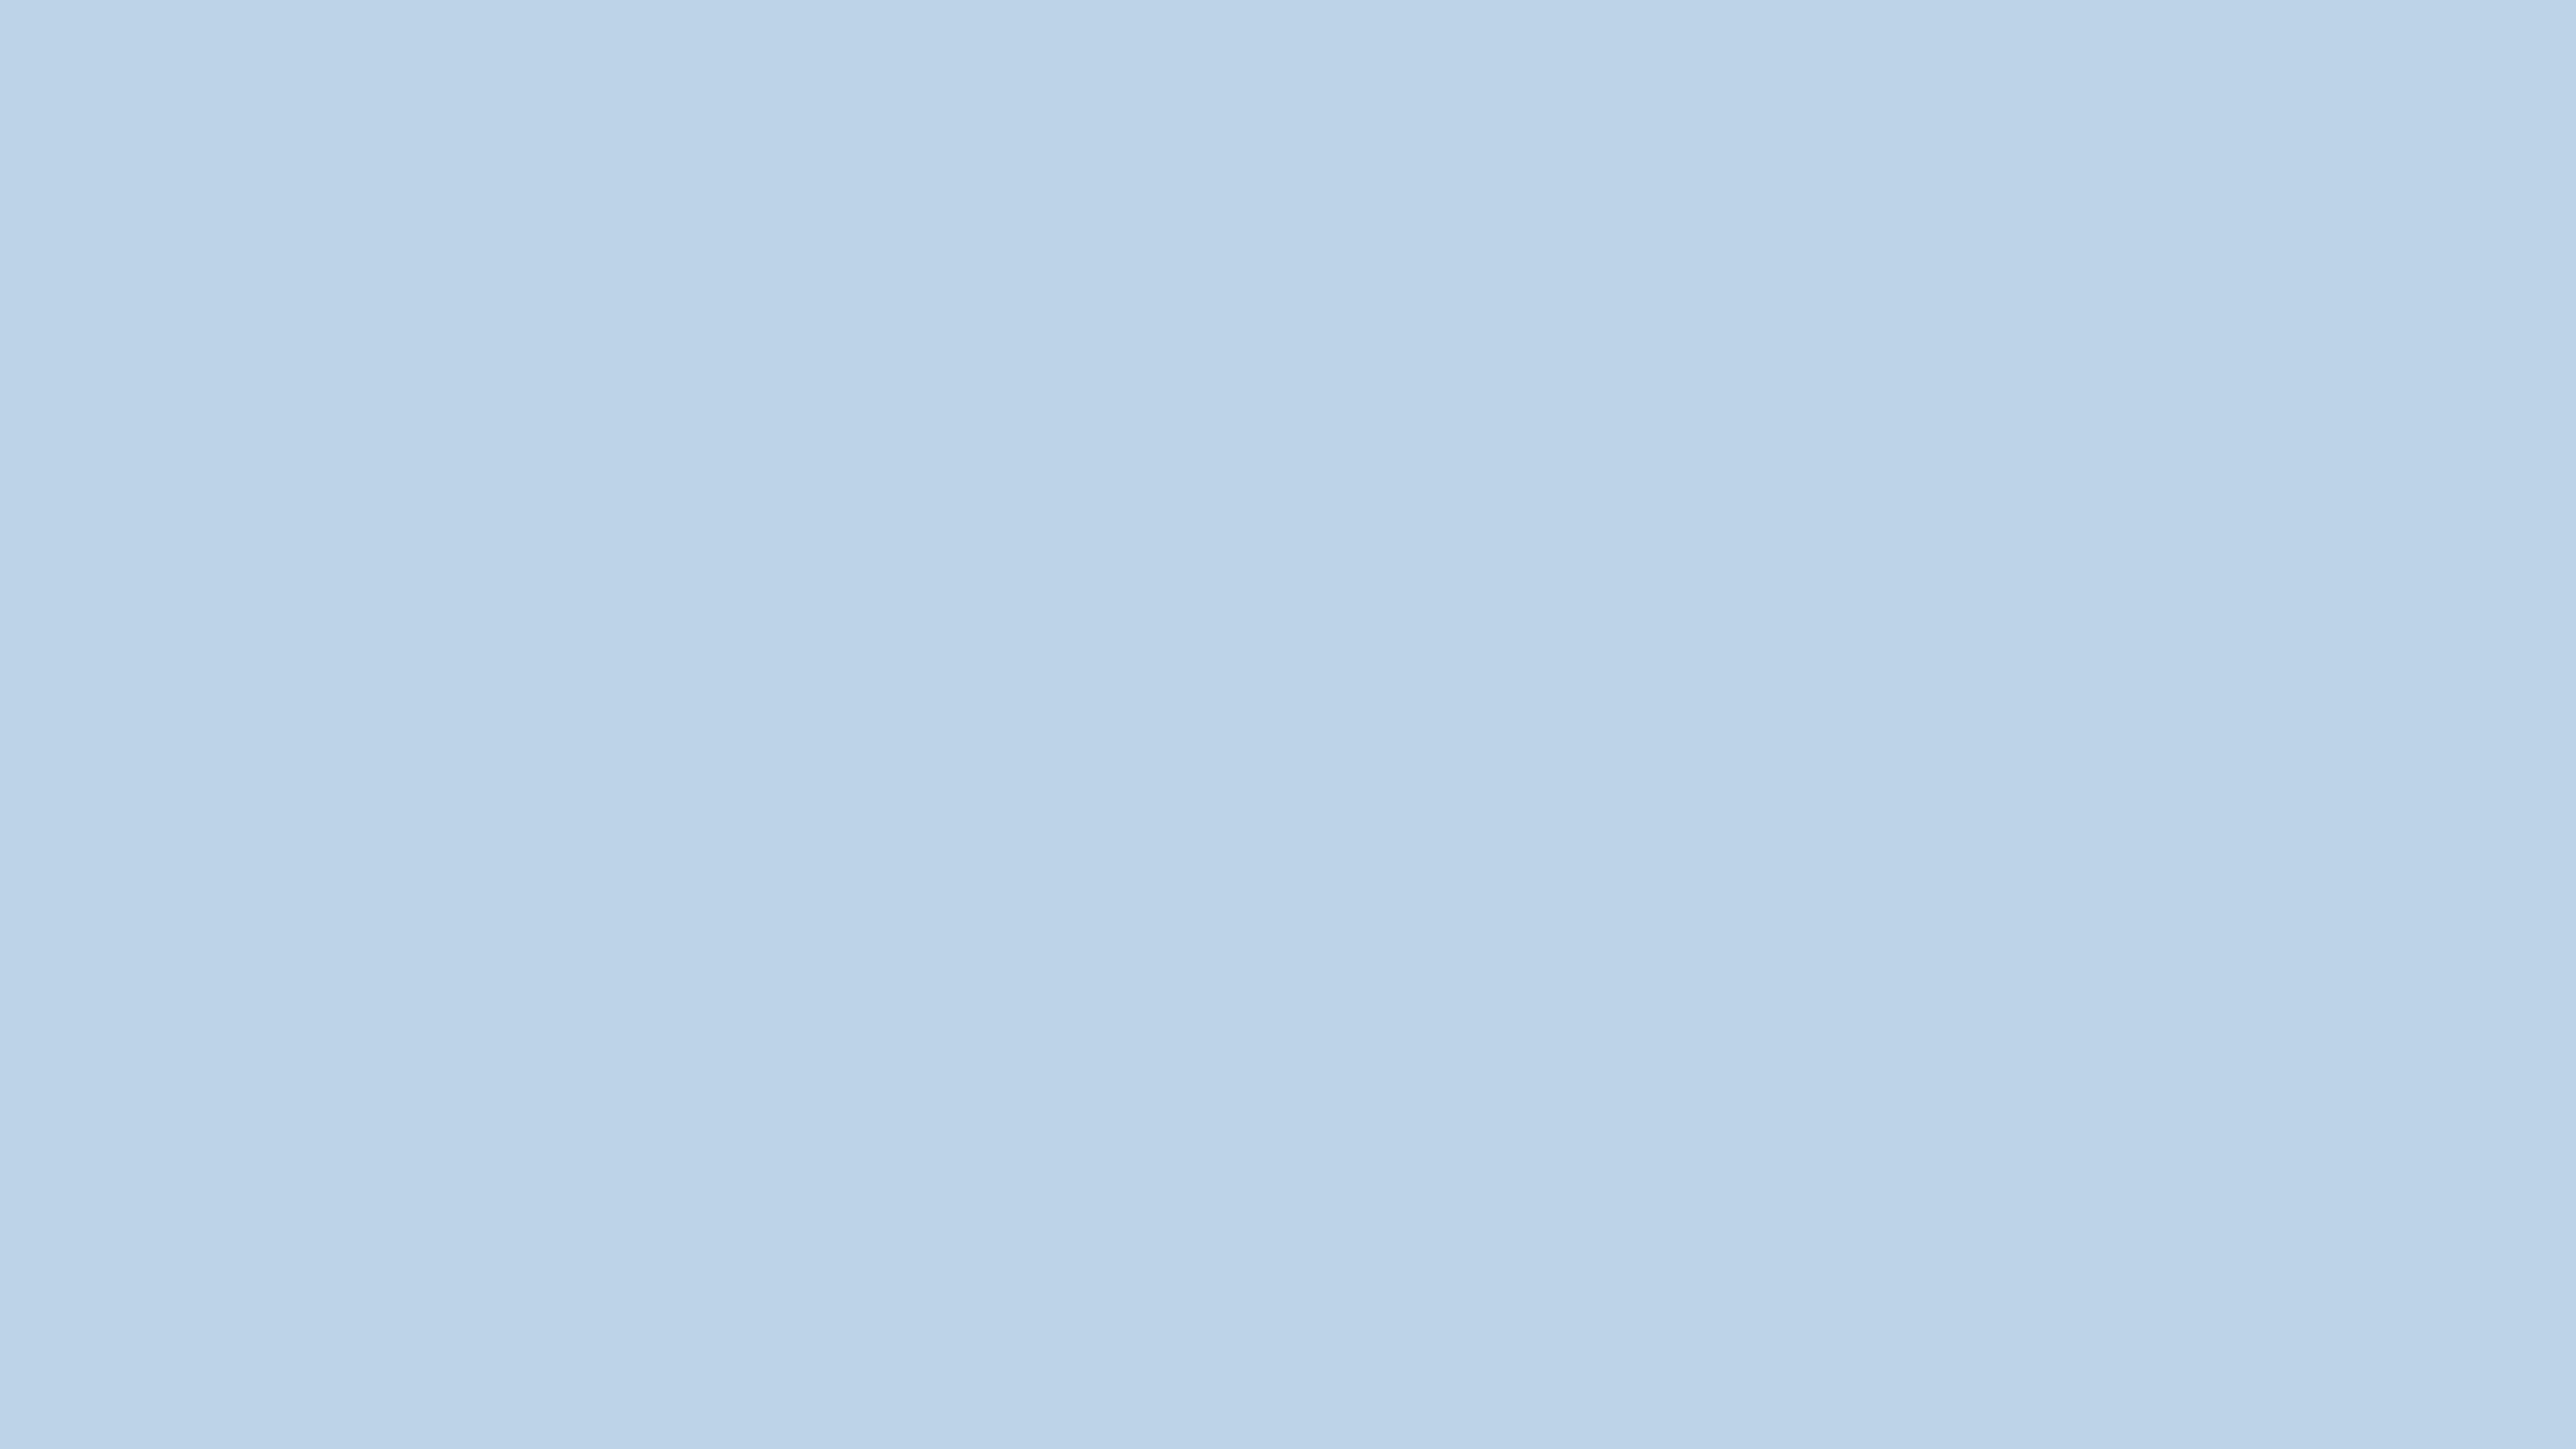 5120x2880 Pale Aqua Solid Color Background